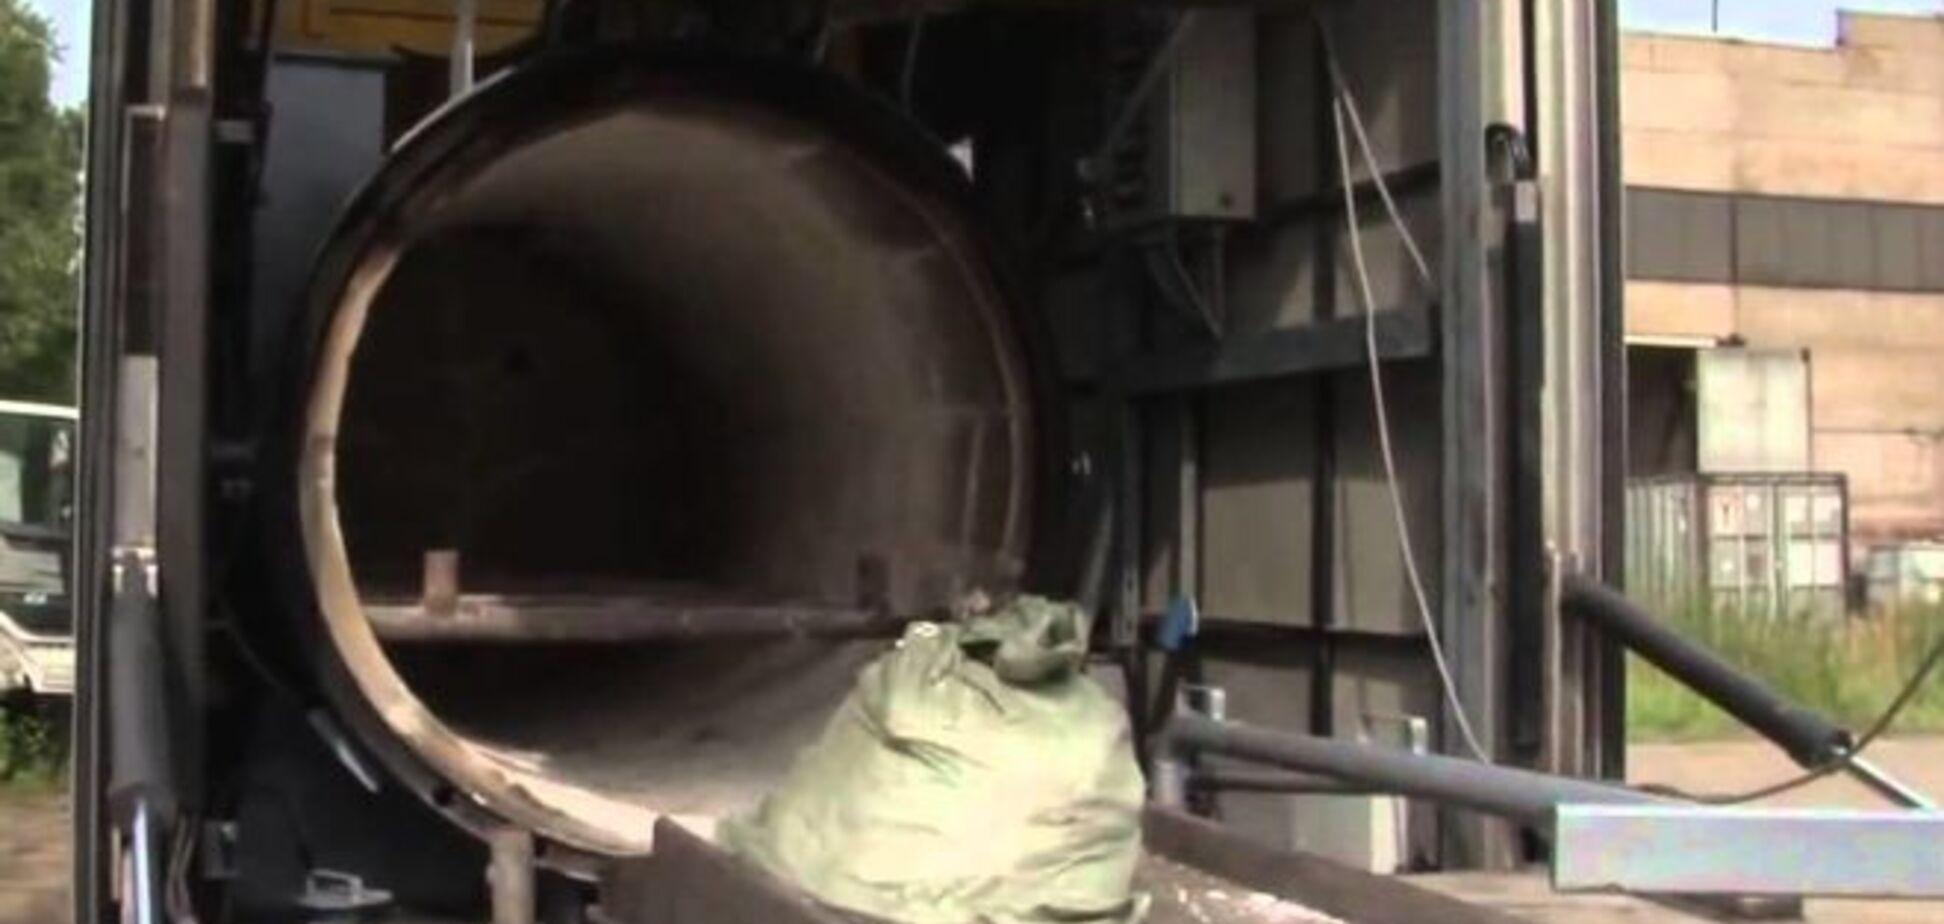 Росія використовує пересувні крематорії на Донбасі - конгрес США